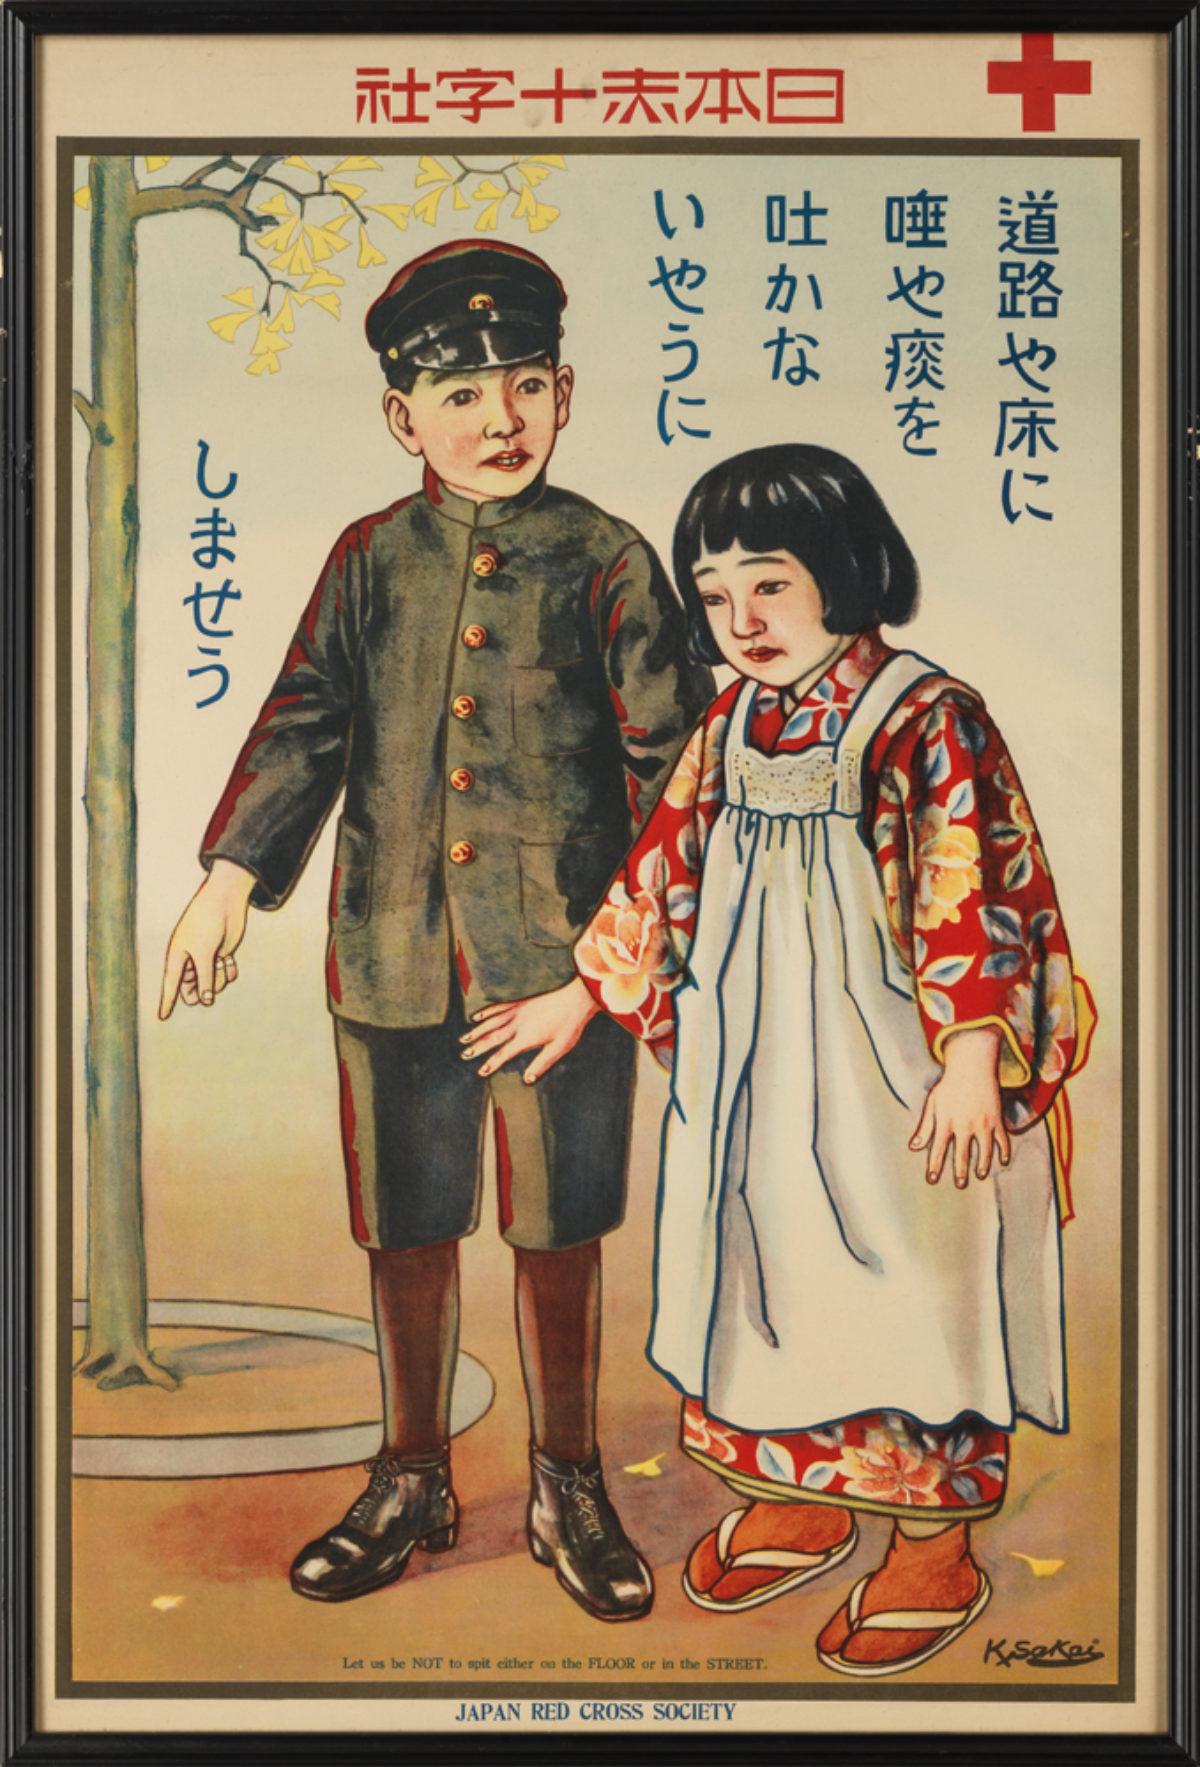 Pósters históricos de la Cruz Roja de Japón